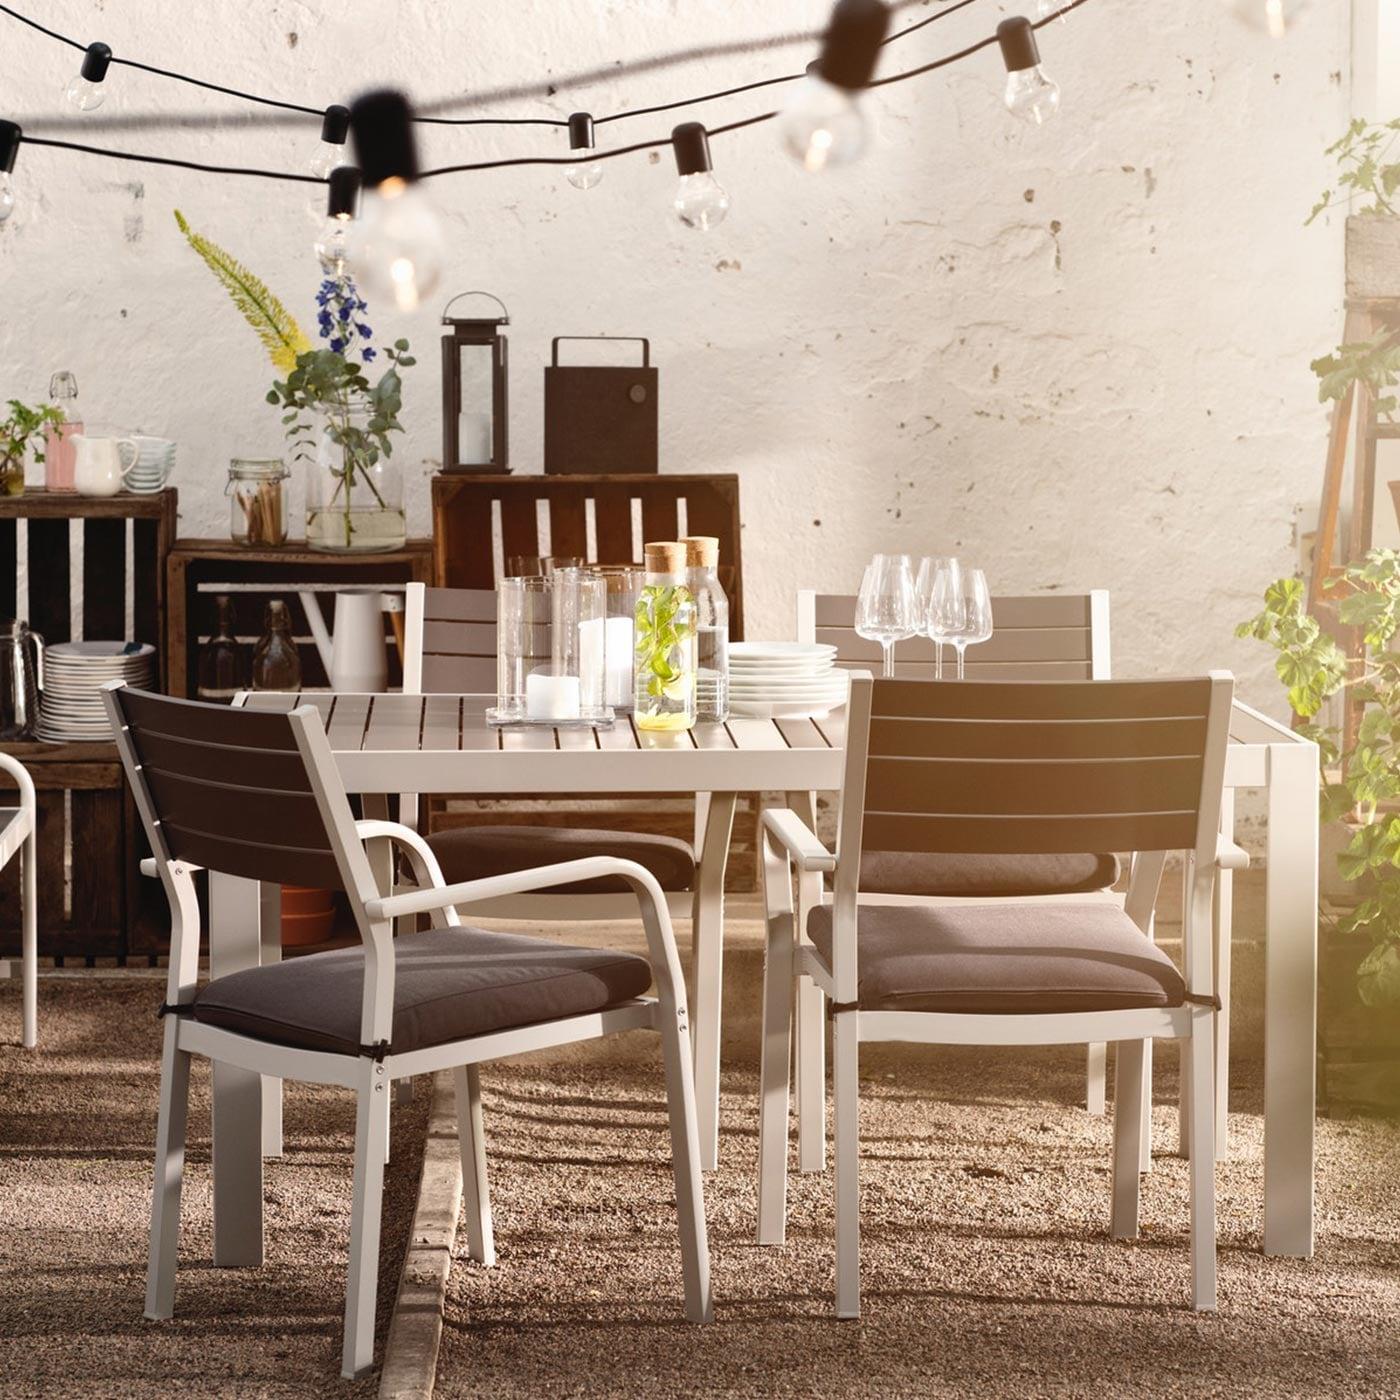 Mobilier de jardin et Décoration d'extérieur Jardin IKEA